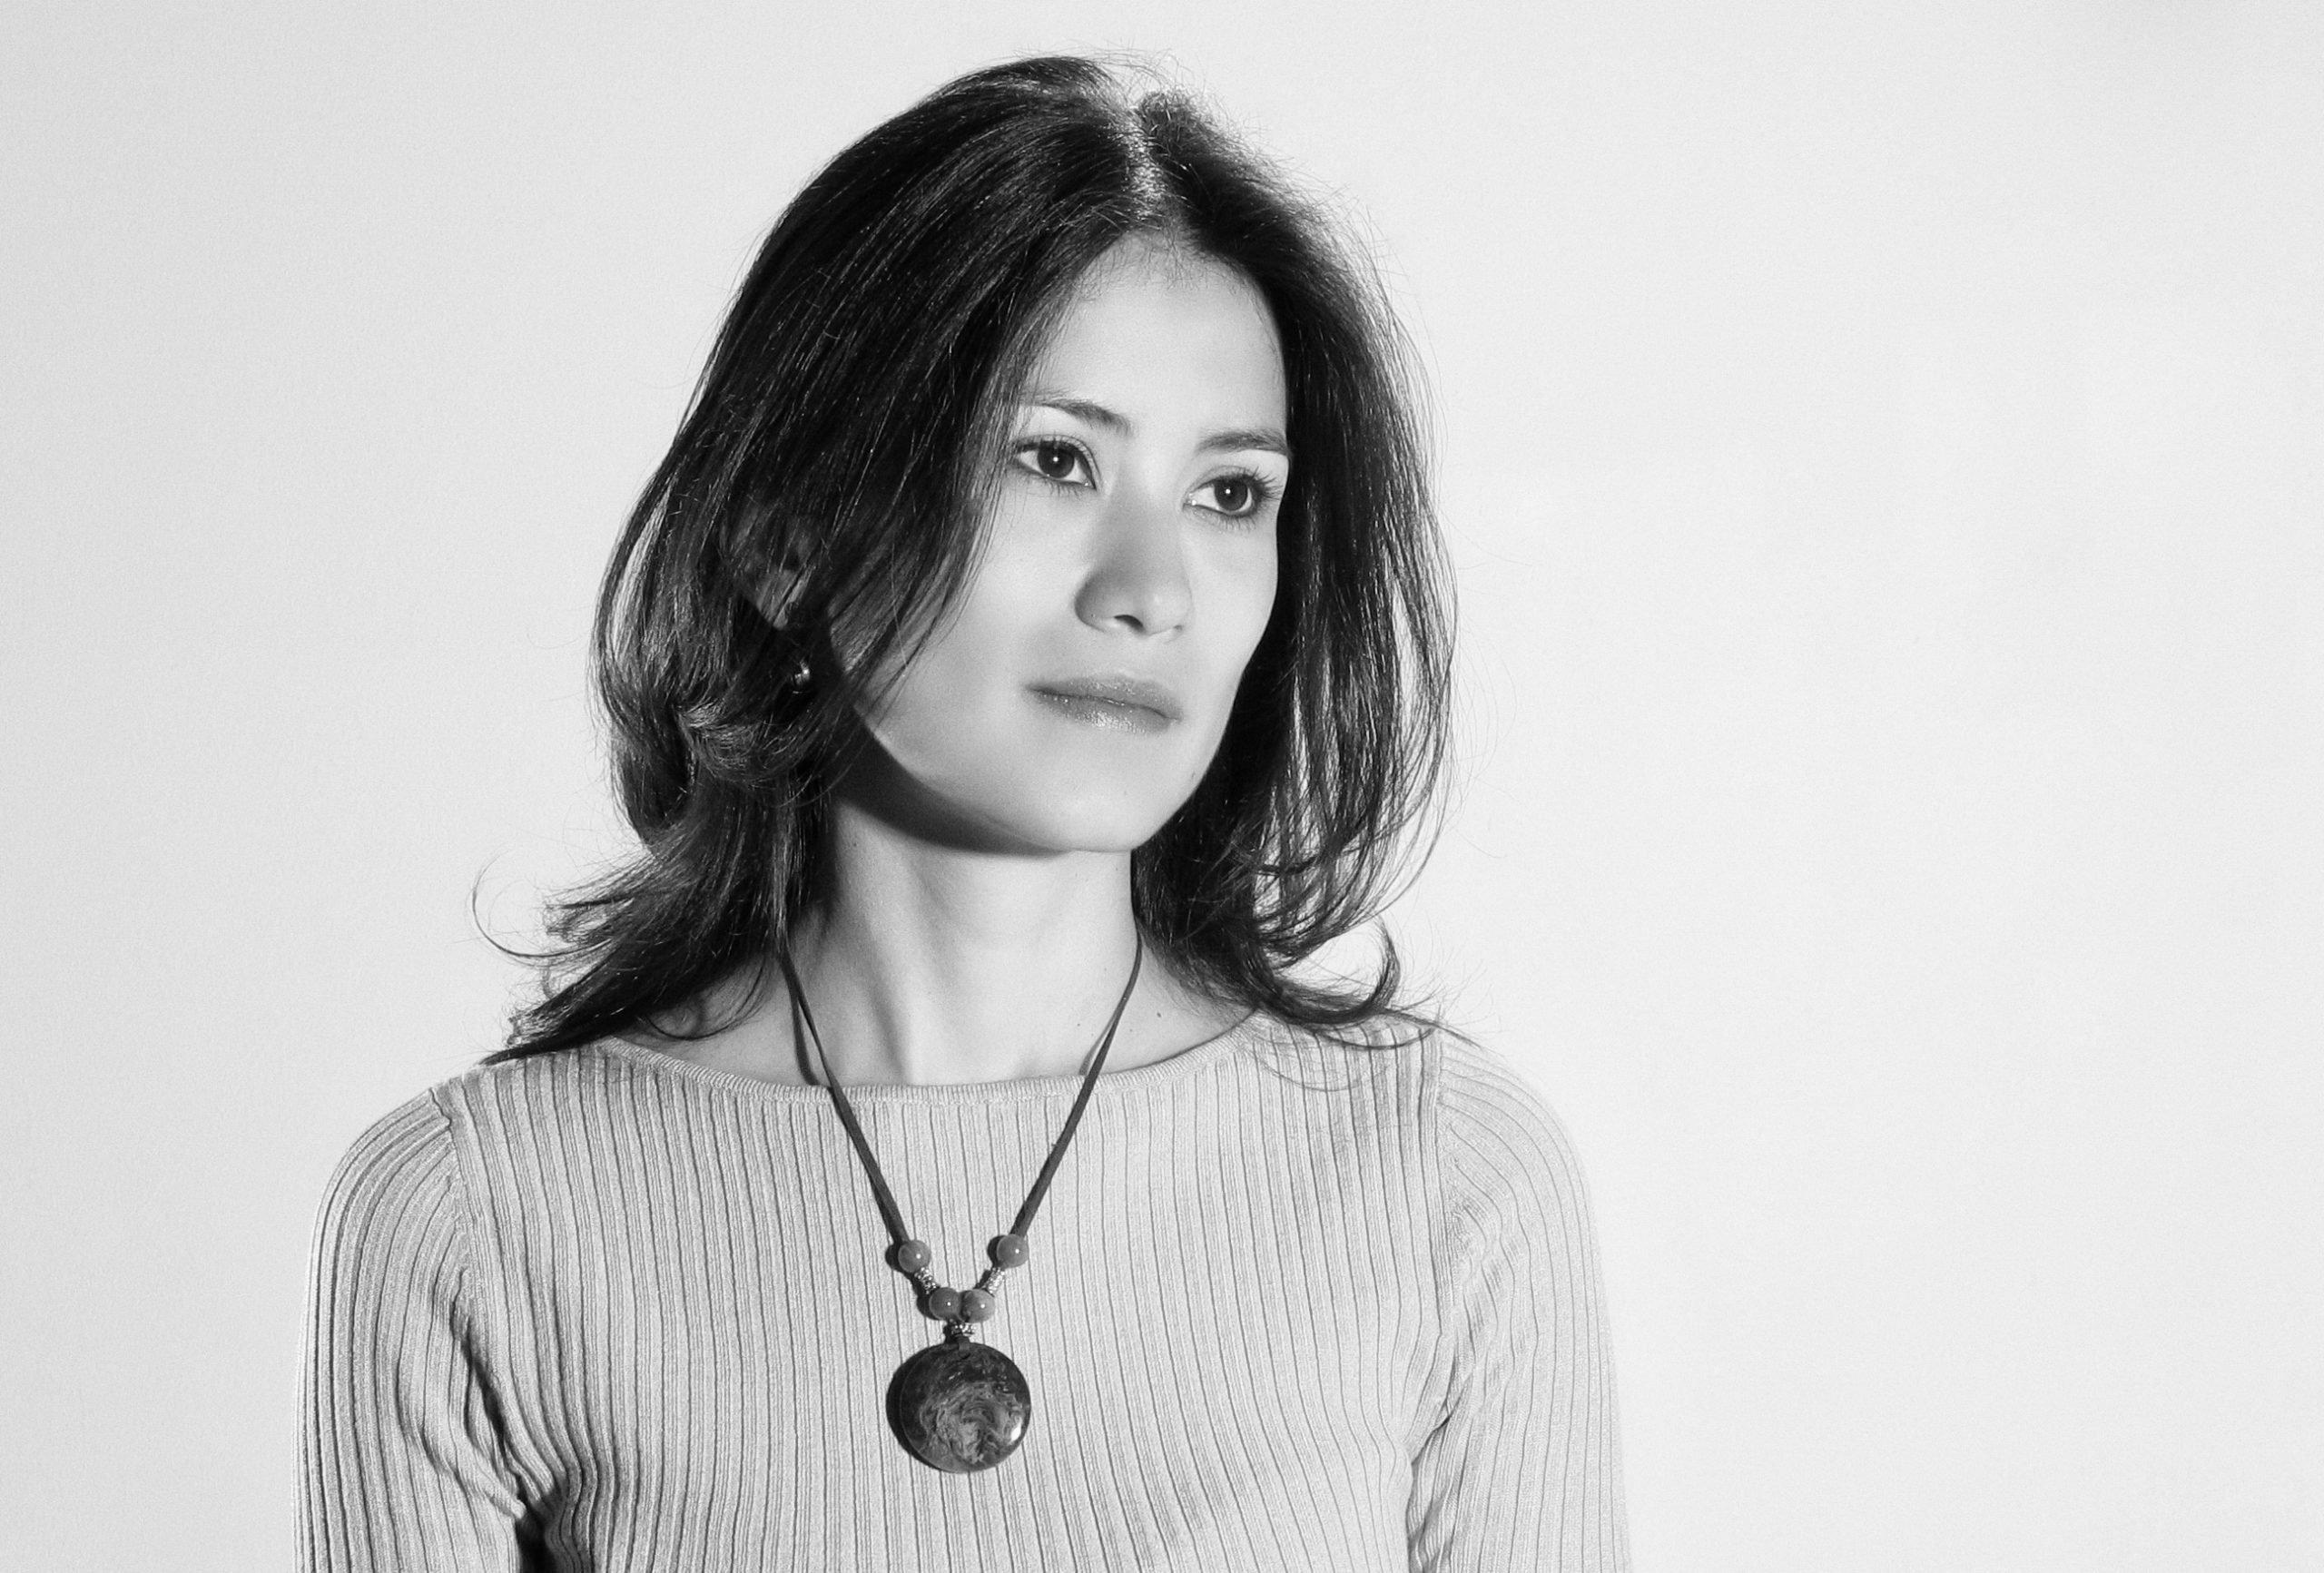 Photograph of Veronica Garcia